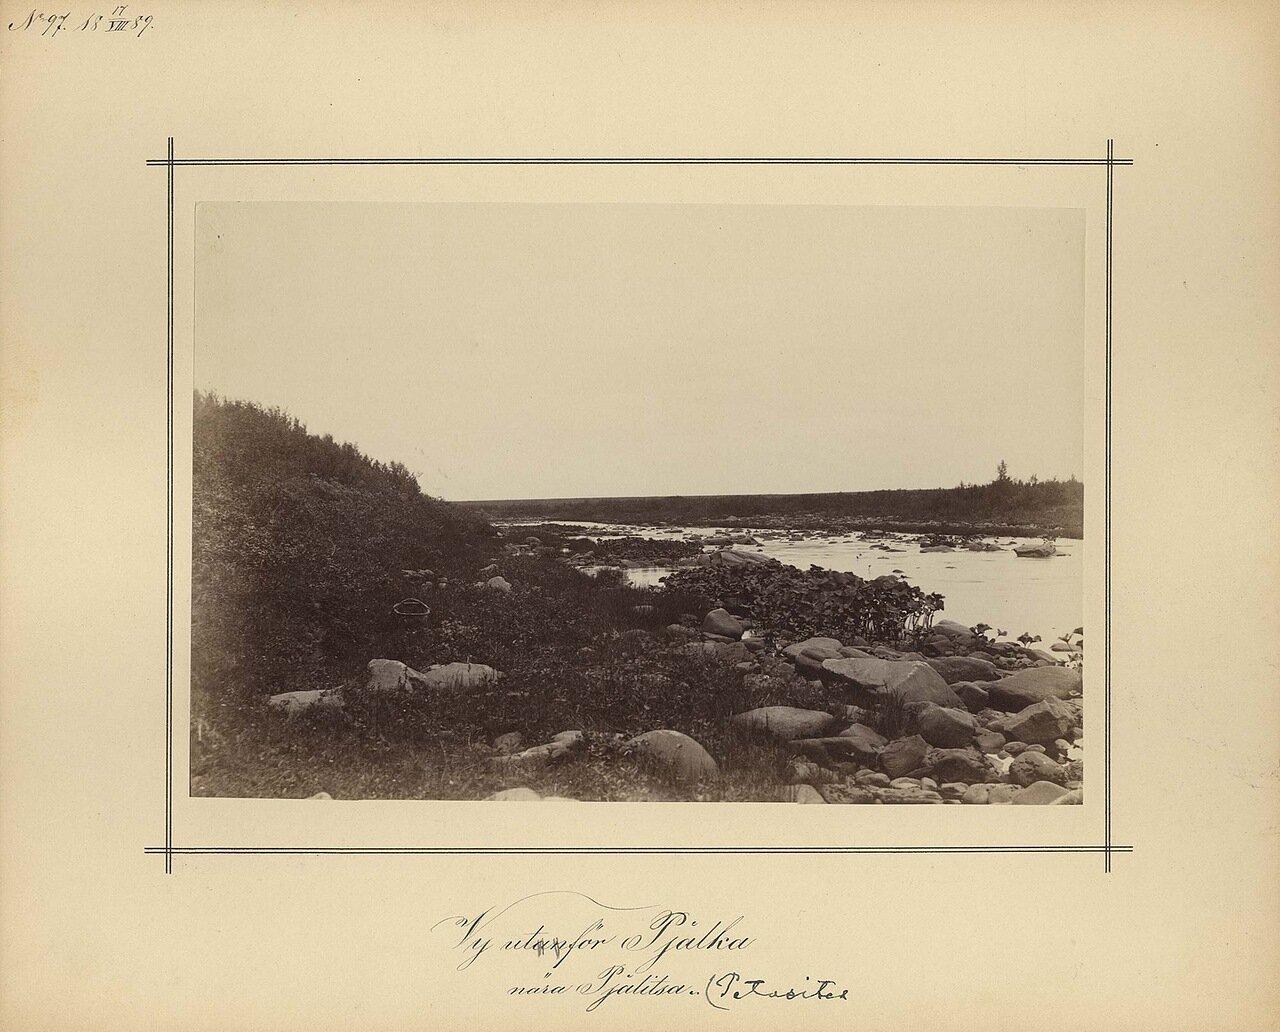 17.8.1889.Вид реки Pjalka, возле деревни Pjalitsan